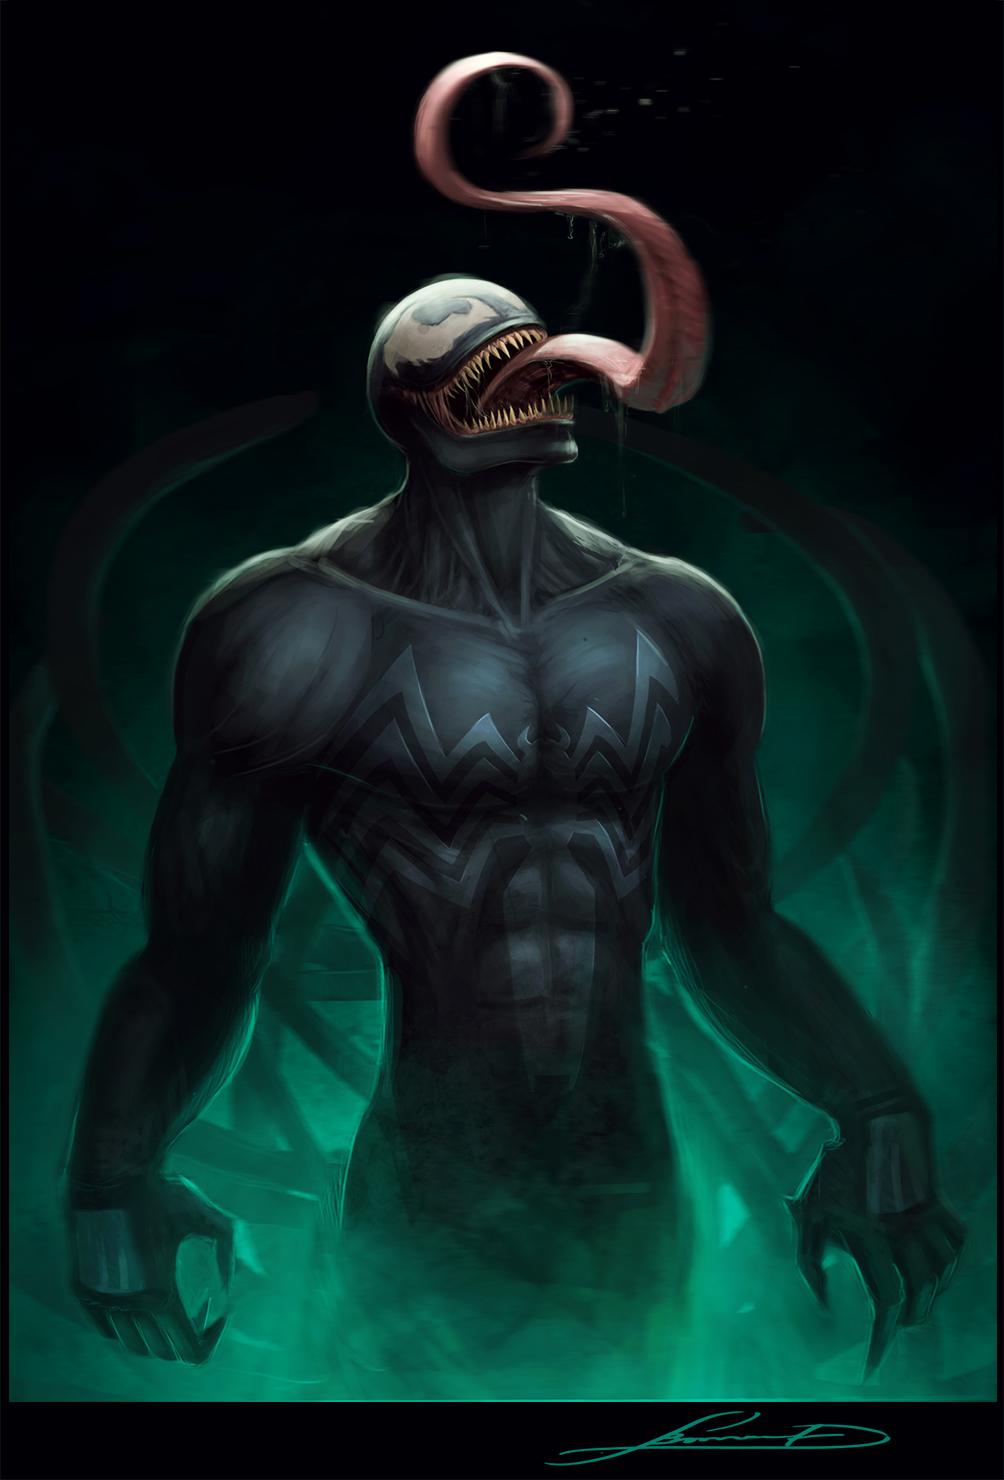 Venom by Yojirous